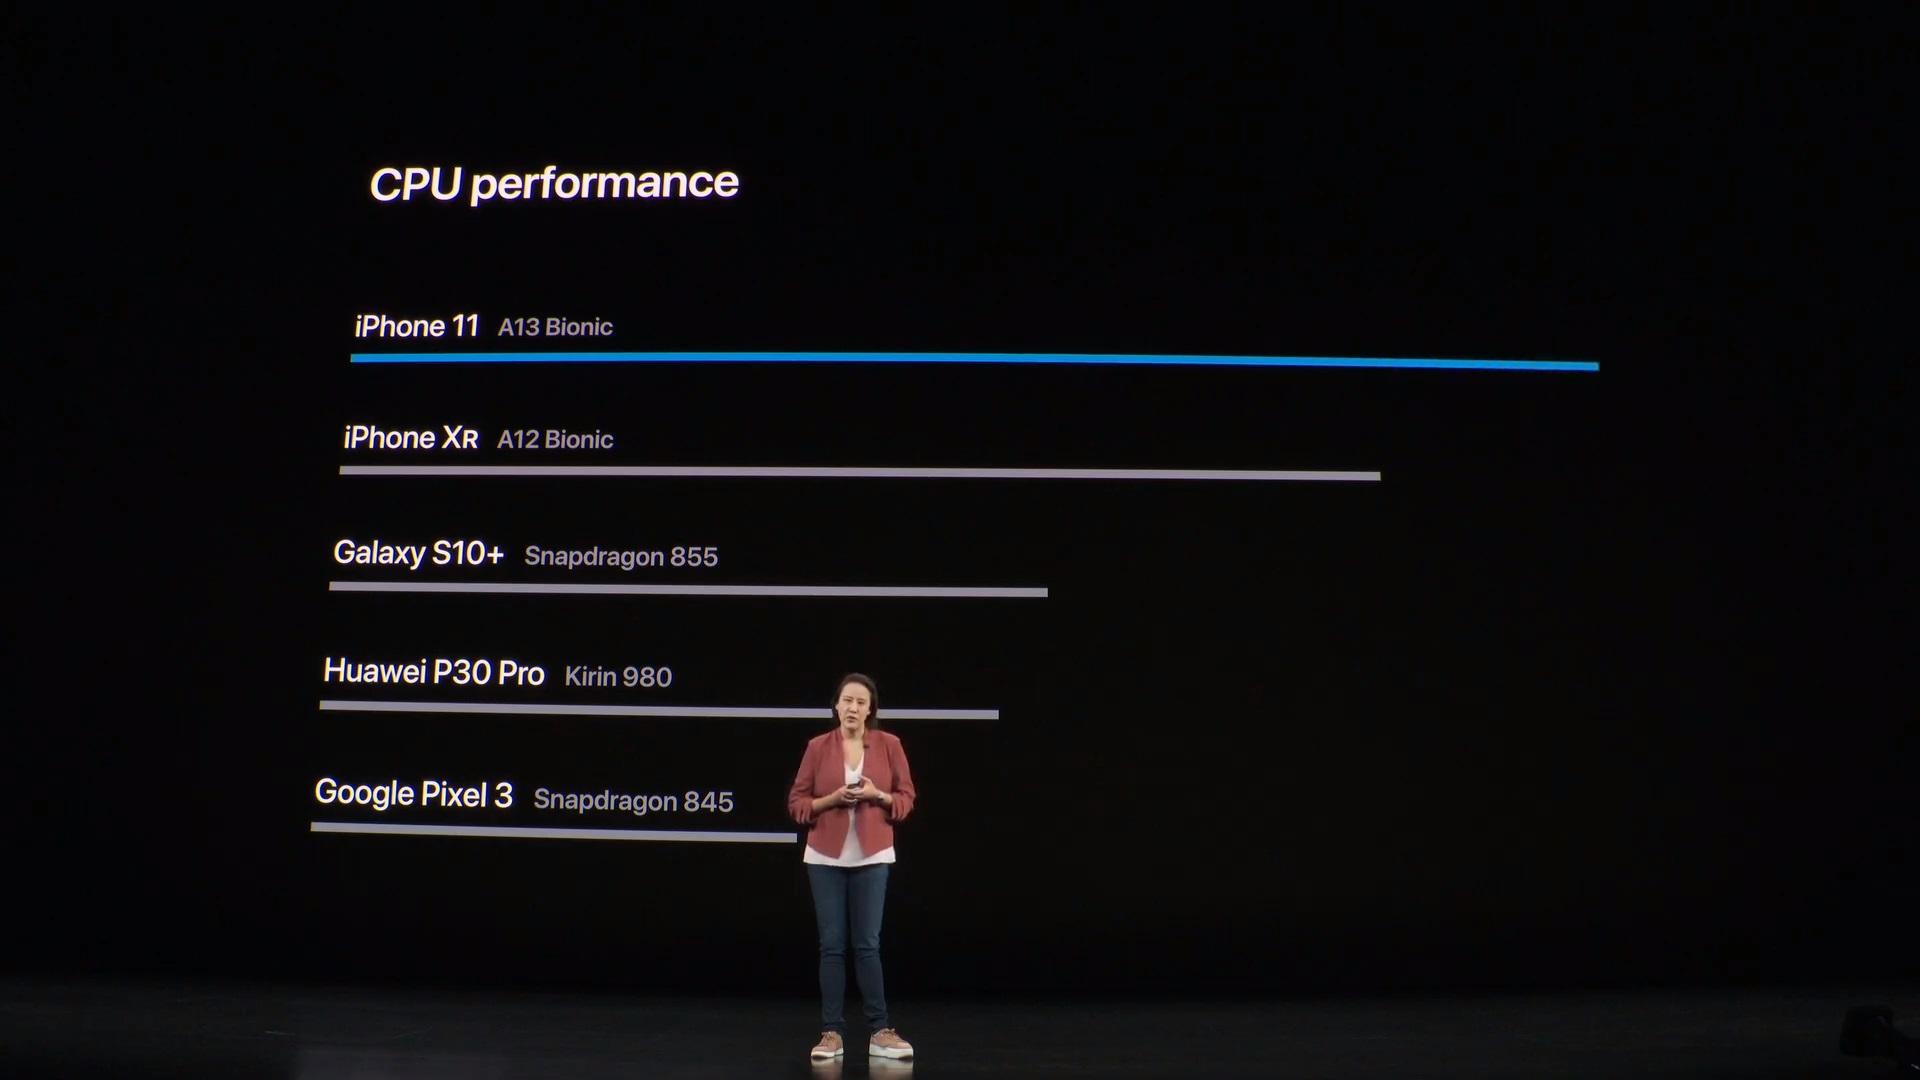 Nowy iPhone ze średniej półki to iPhone 11. Co oferuje smartfon Apple dla mas?